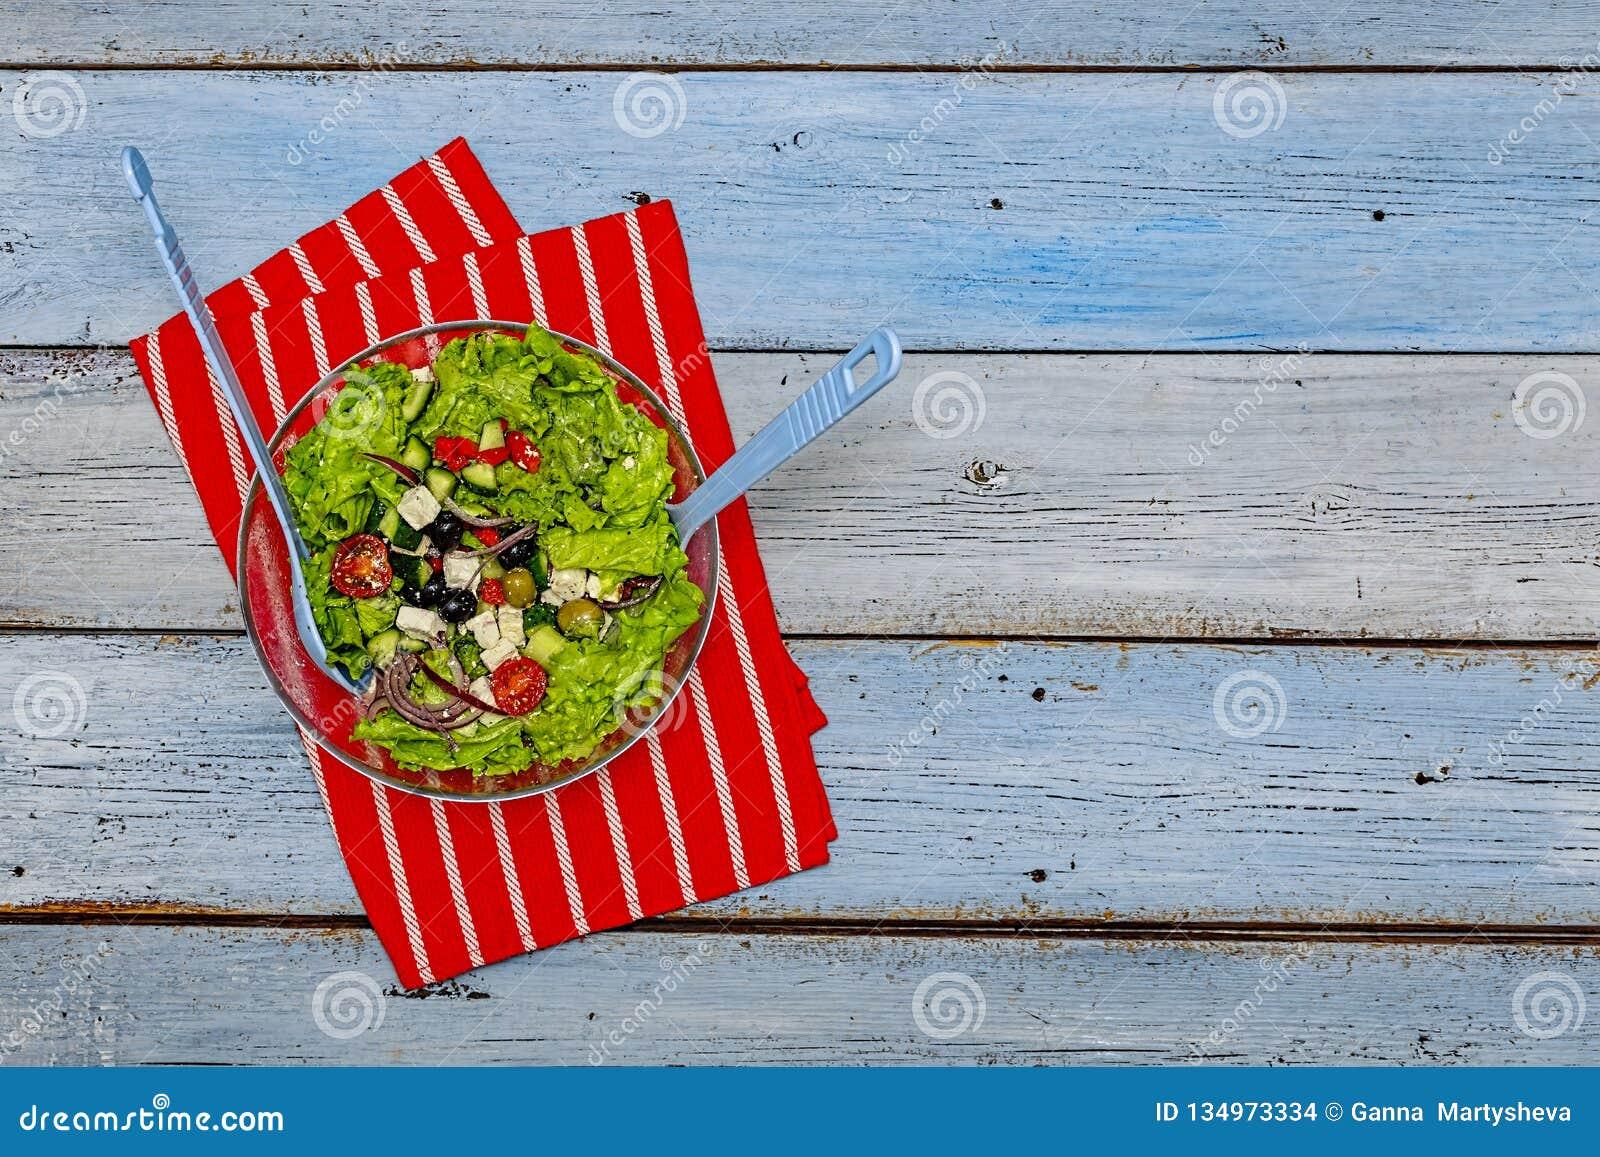 Ελληνική σαλάτα, μαρούλι, φέτα, χορτοφάγος, επιλογές, τοπ άποψη, διάστημα αντιγράφων